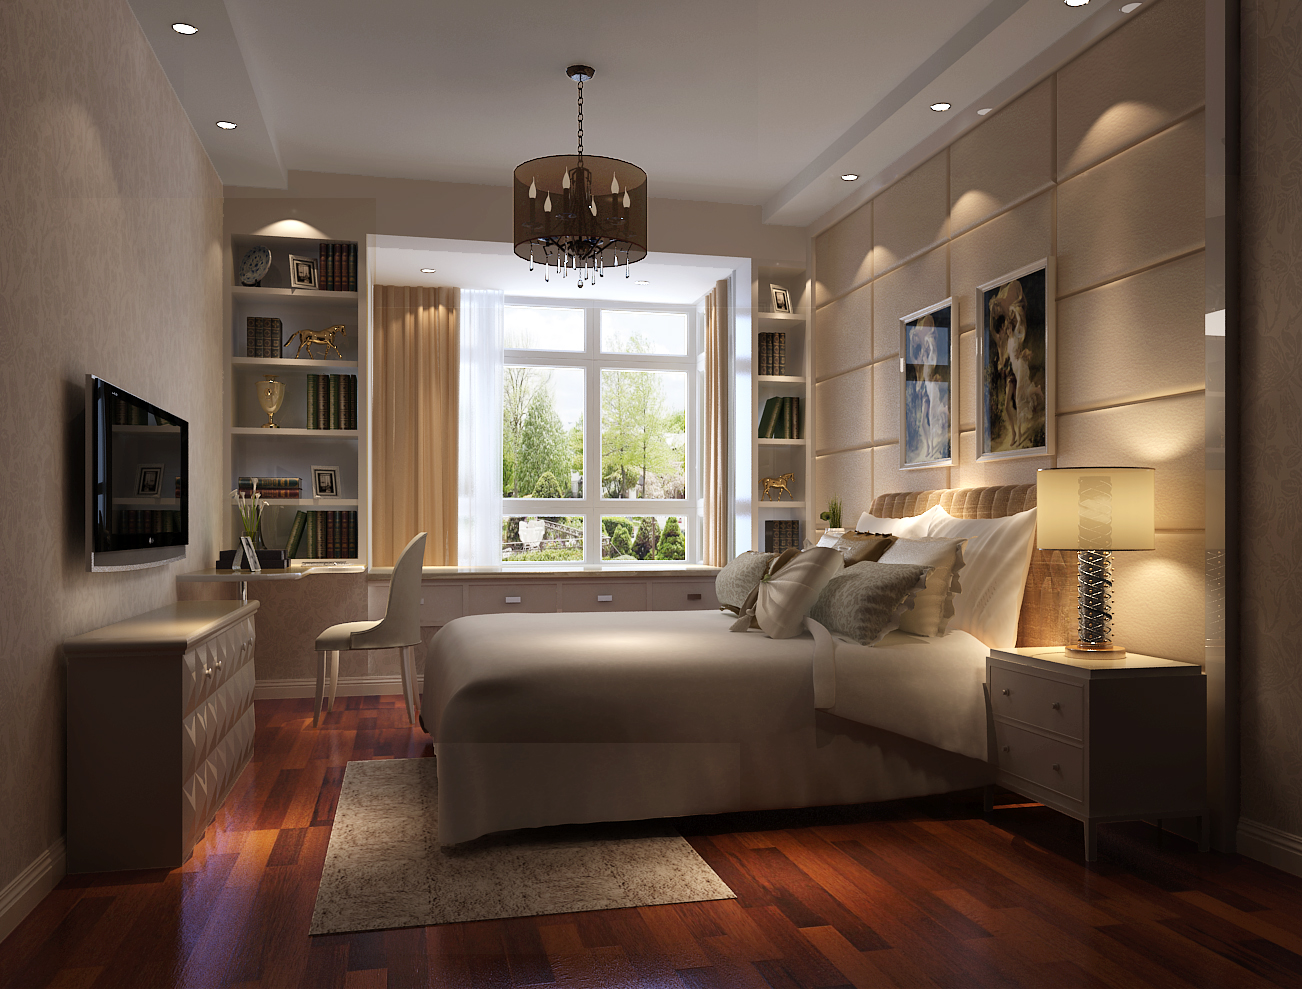 简约 现代 时尚 高度国际 白富美 世华泊郡 三居 白领 80后 卧室图片来自北京高度国际装饰设计在世华泊郡品质婚房的分享